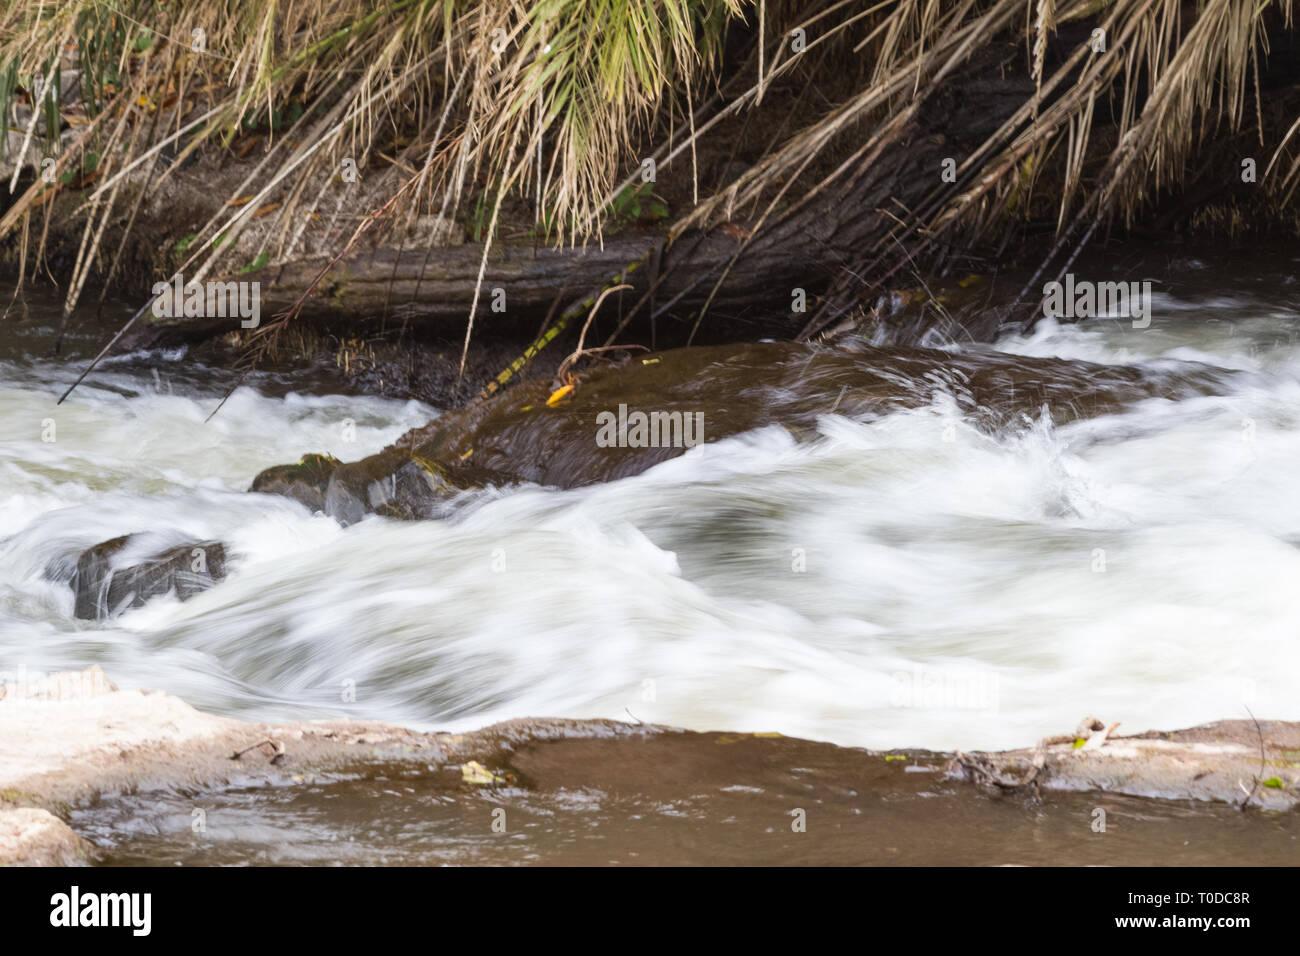 Die schnelle Strömung in Meru National Park. Kenia, Afrika Stockbild